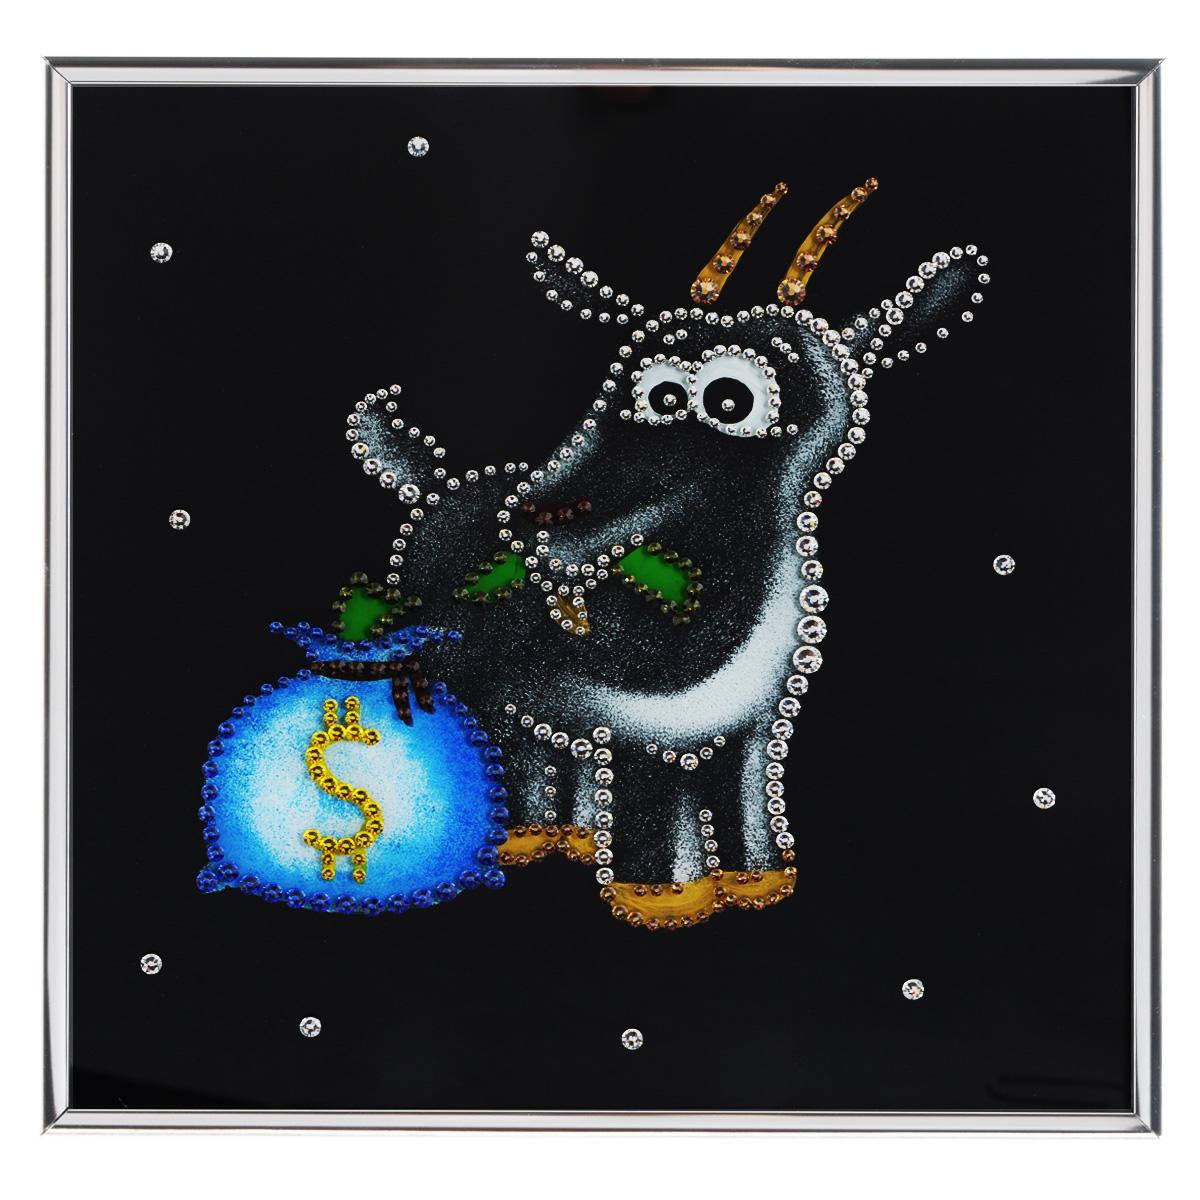 Картина с кристаллами Swarovski Новогодний сюрприз, 25 см х 25 см8-471Изящная картина в металлической раме, инкрустирована кристаллами Swarovski, которые отличаются четкой и ровной огранкой, ярким блеском и чистотой цвета. Красочное изображение овечки с мешком денег, расположенное под стеклом, прекрасно дополняет блеск кристаллов. С обратной стороны имеется металлическая петелька для размещения картины на стене. Картина с кристаллами Swarovski Новогодний сюрприз элегантно украсит интерьер дома или офиса, а также станет прекрасным подарком, который обязательно понравится получателю. Блеск кристаллов в интерьере, что может быть сказочнее и удивительнее. Картина упакована в подарочную картонную коробку синего цвета и комплектуется сертификатом соответствия Swarovski. Количество кристаллов: 382 шт. Размер картины: 25 см х 25 см.